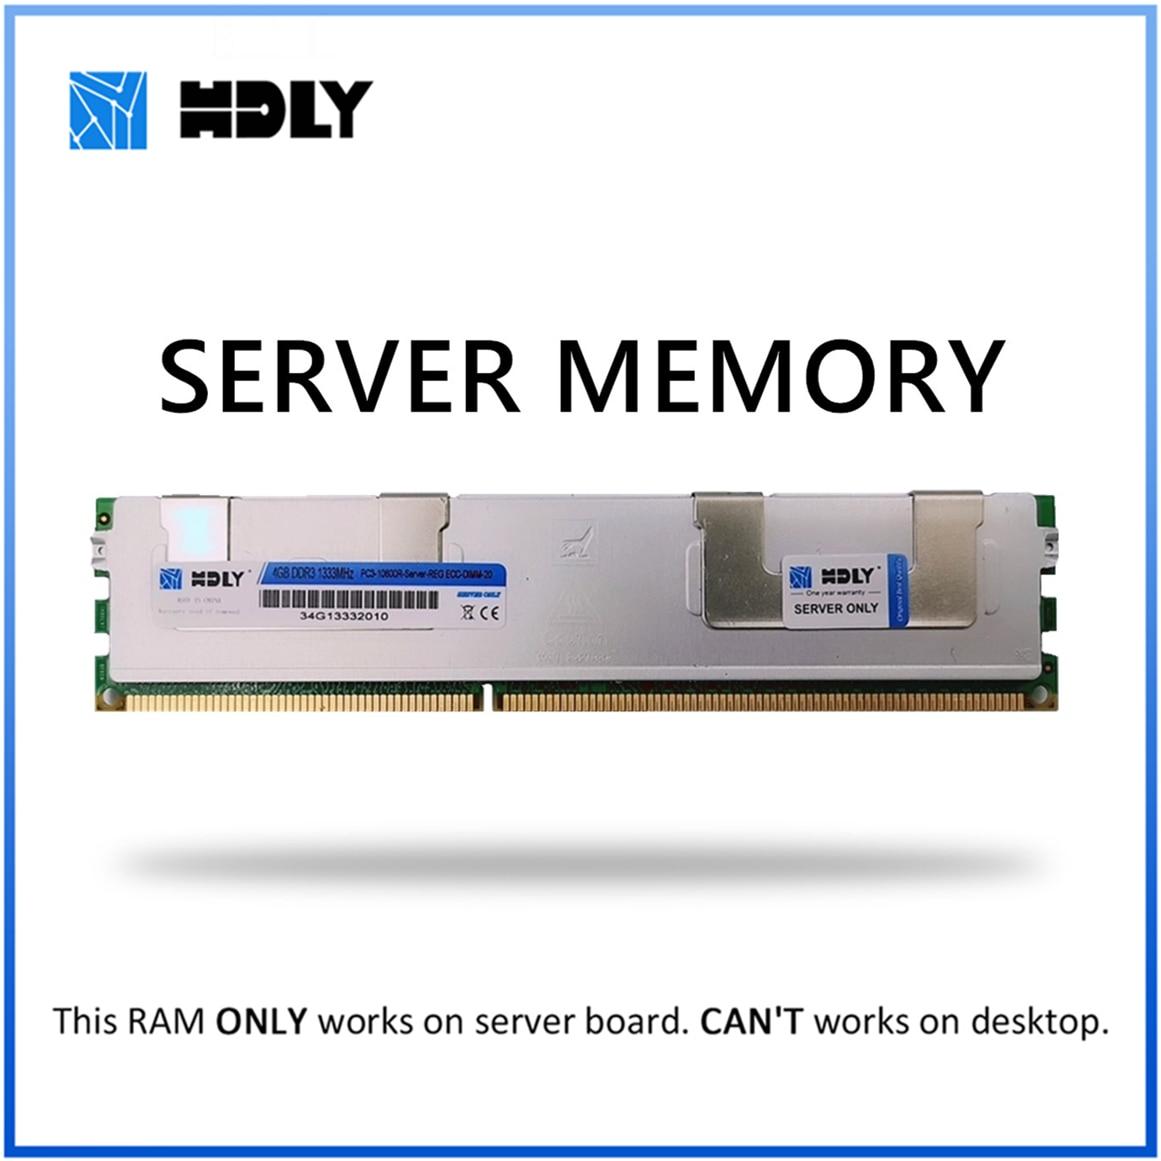 RAM avec dissipateur thermique DDR3 4GB 8GB 16GB 32GB 1333MHz 1600Mhz 1066Mhz REG ECC hely serveur mémoire 2011 CPU X58 X79 carte mère Dimm